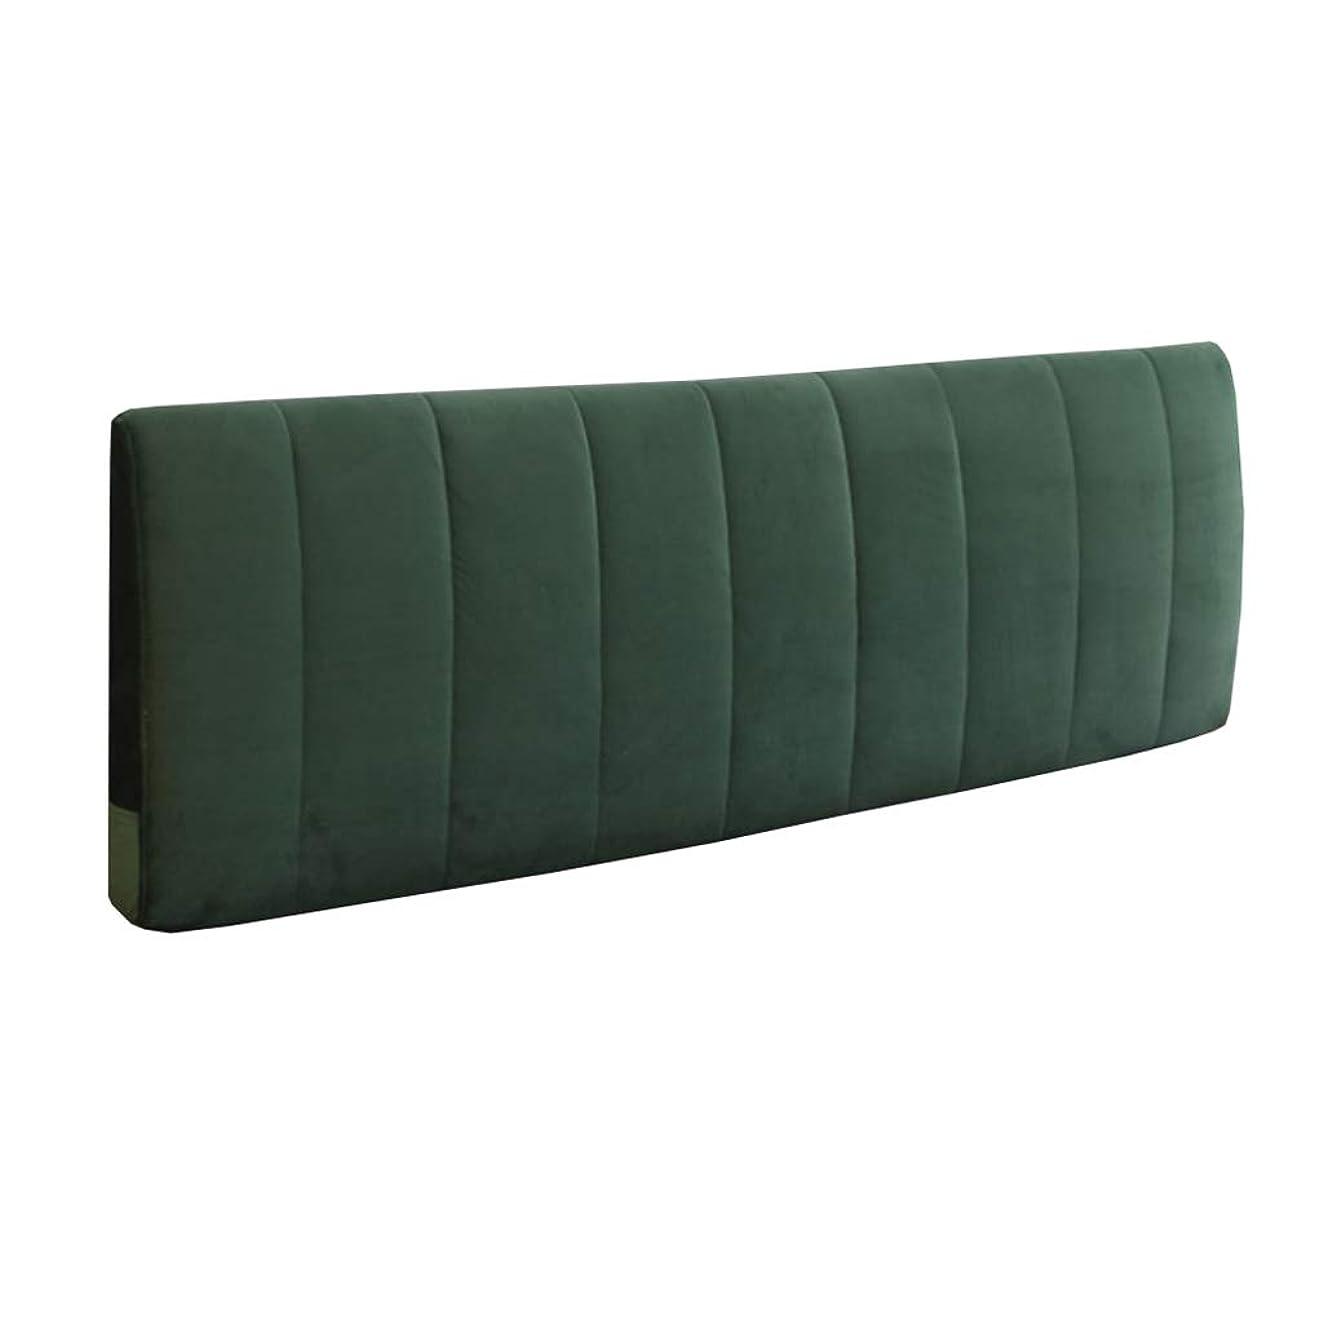 つかいます瞳徹底的にHzpxsb ヘッド シンプル モダン ヘッドボード ソフトバッグ 枕なし ベッドクッション ダブルソリッドウッドベッドカバー 大きな背面生地 取り外し可能で洗濯可能 100 X 58 X 10cm 126612